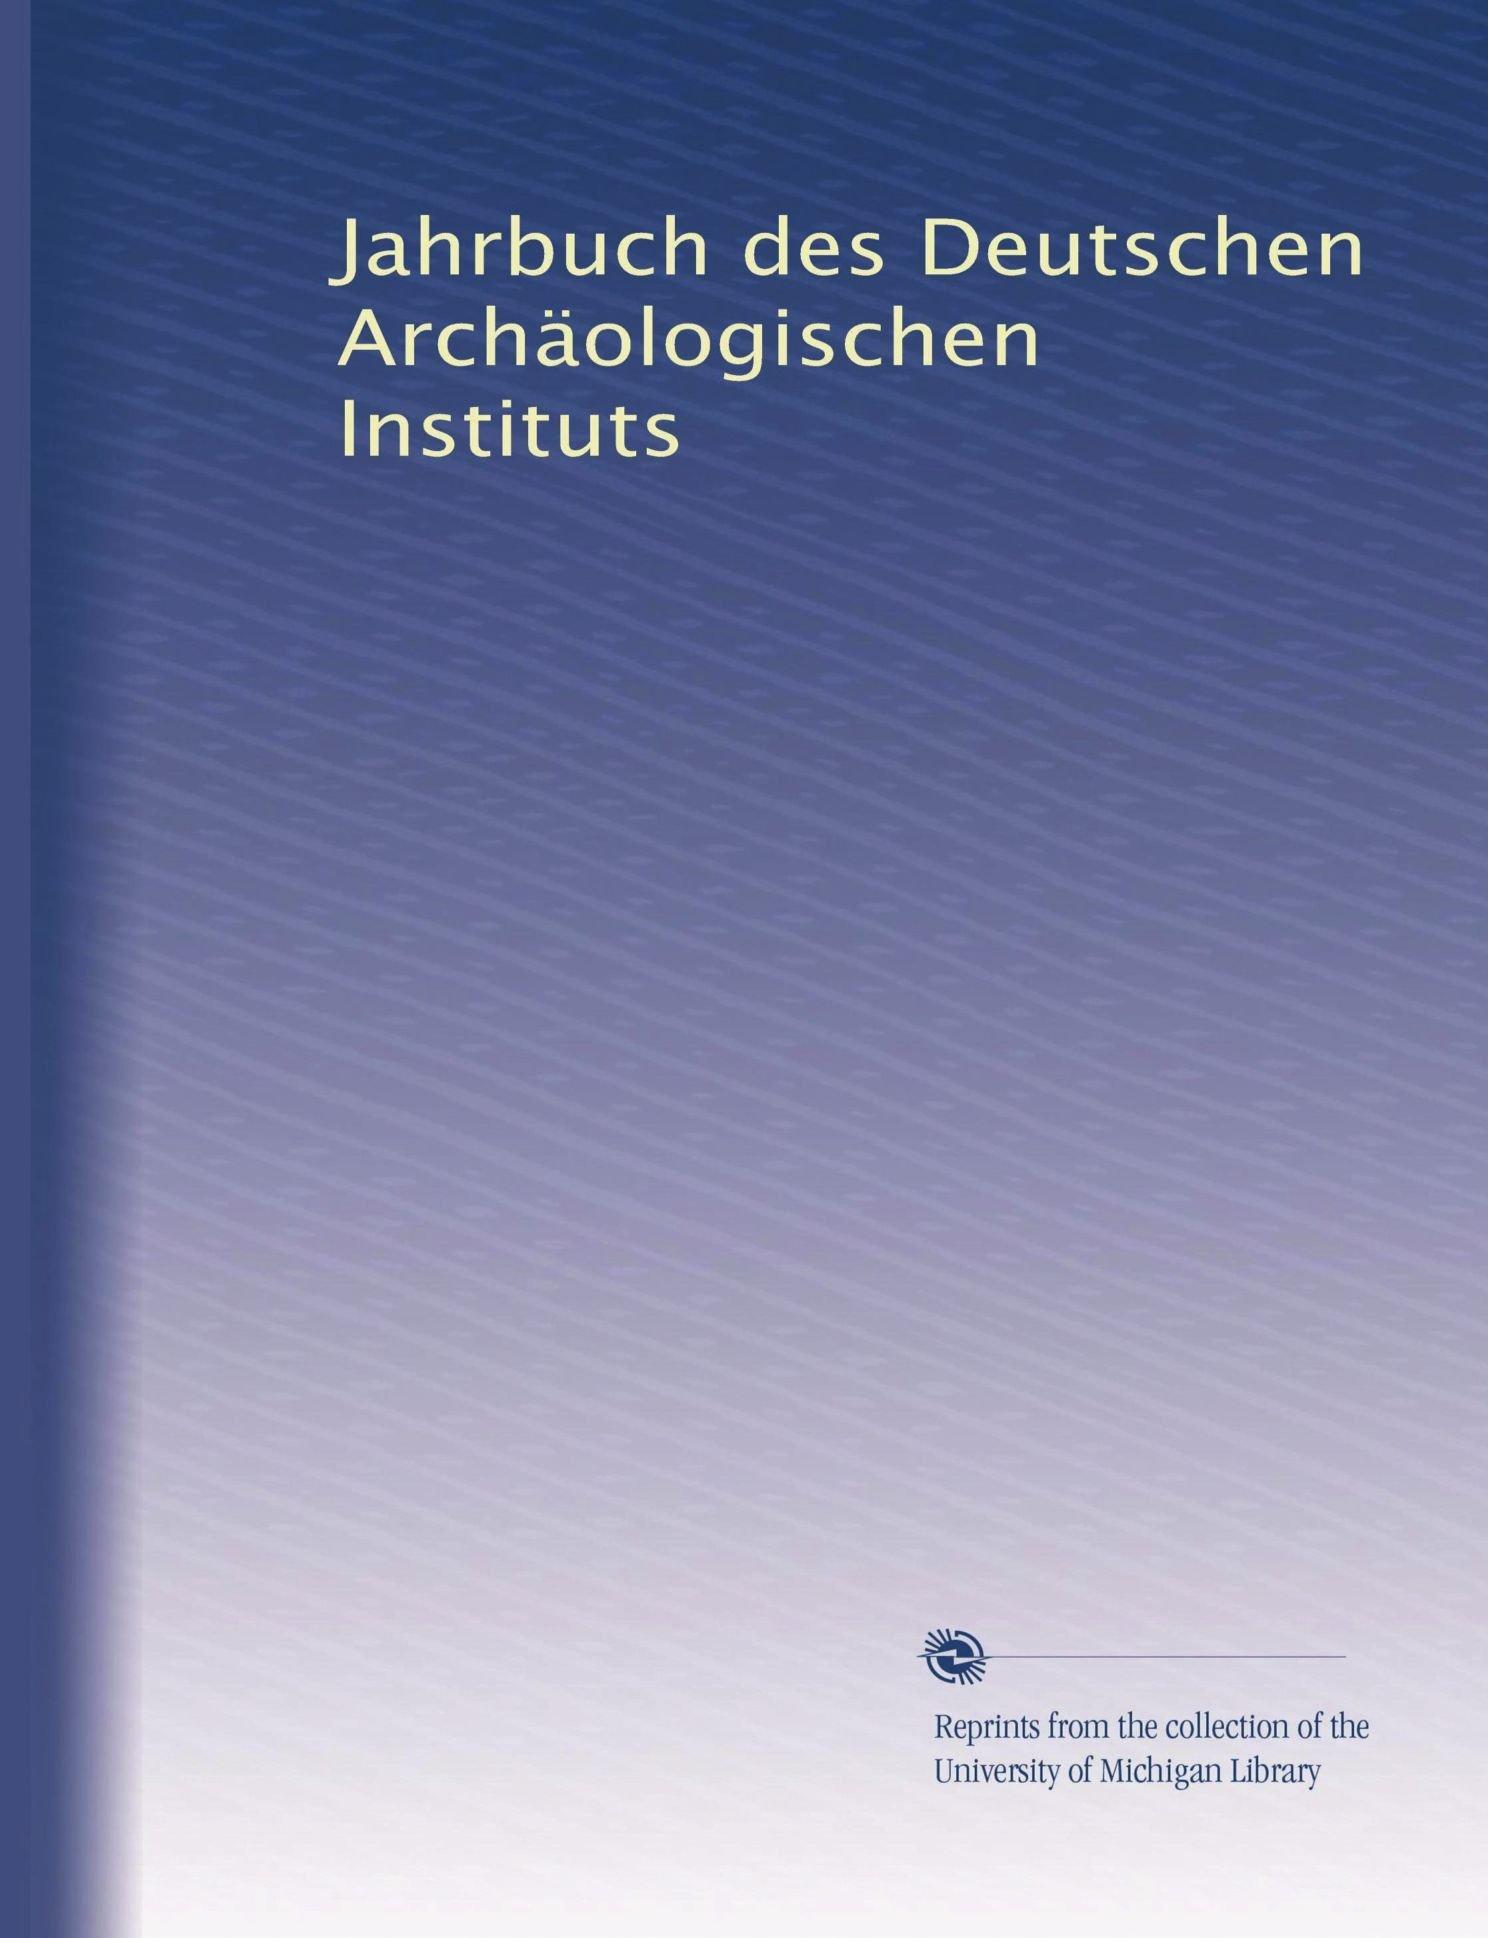 Download Jahrbuch des Deutschen Archäologischen Instituts (Volume 20) (German Edition) PDF